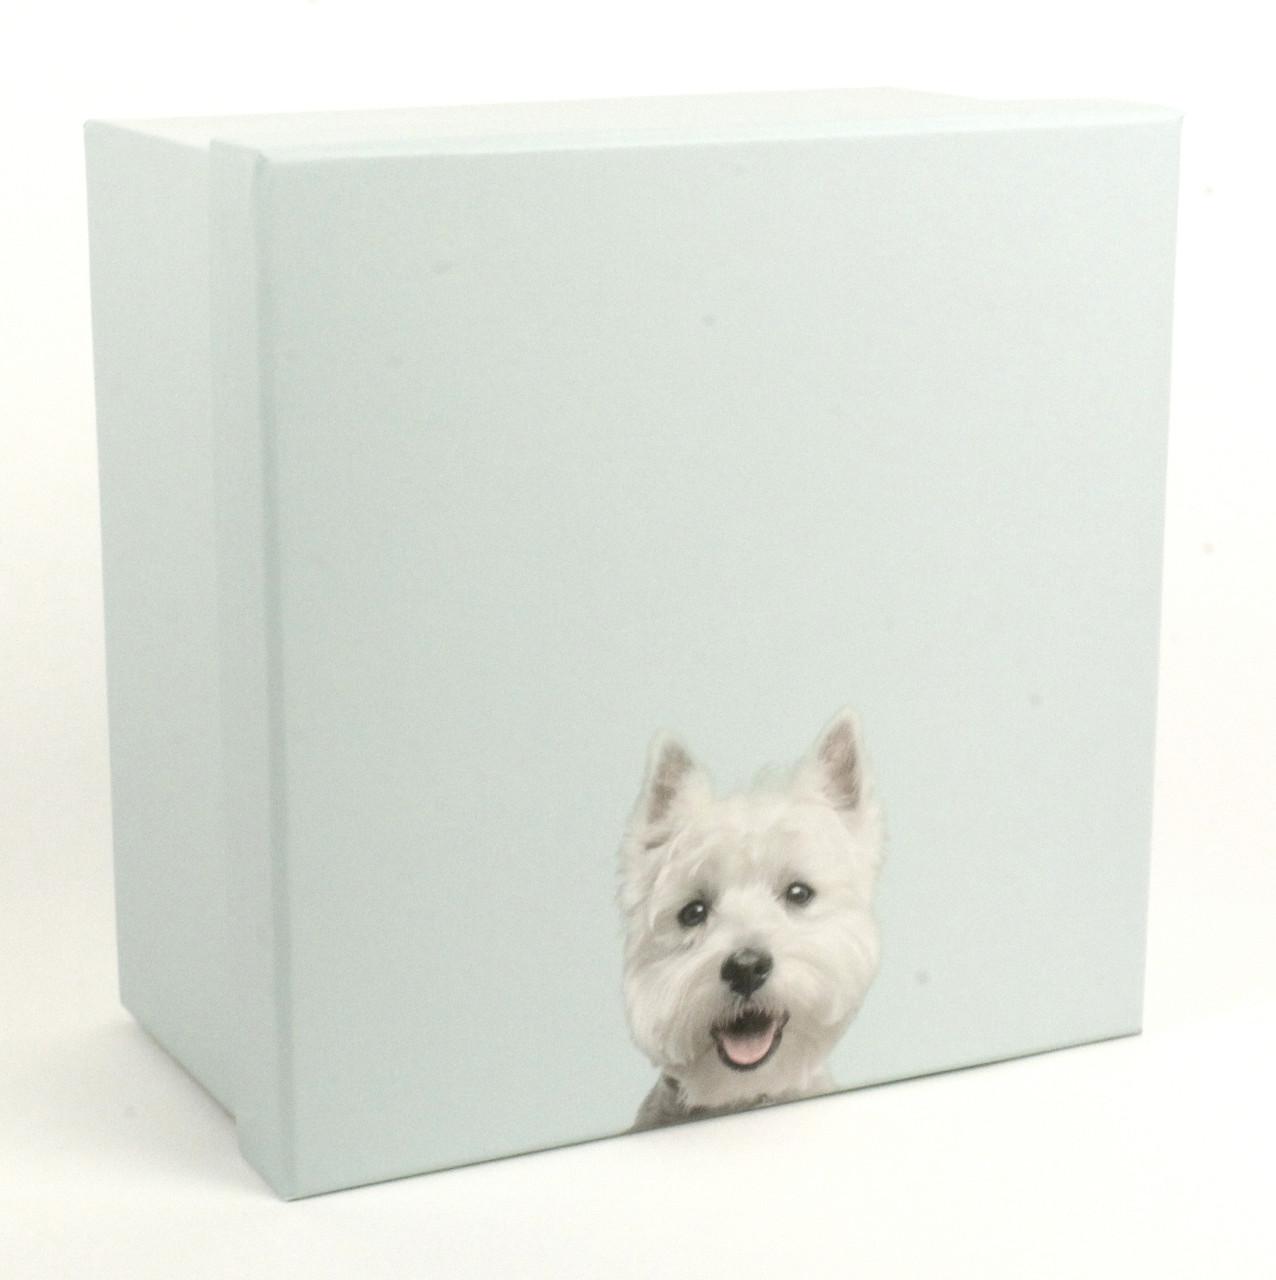 Подарочная коробка Best Friend 19 x 19 x 10.5 см